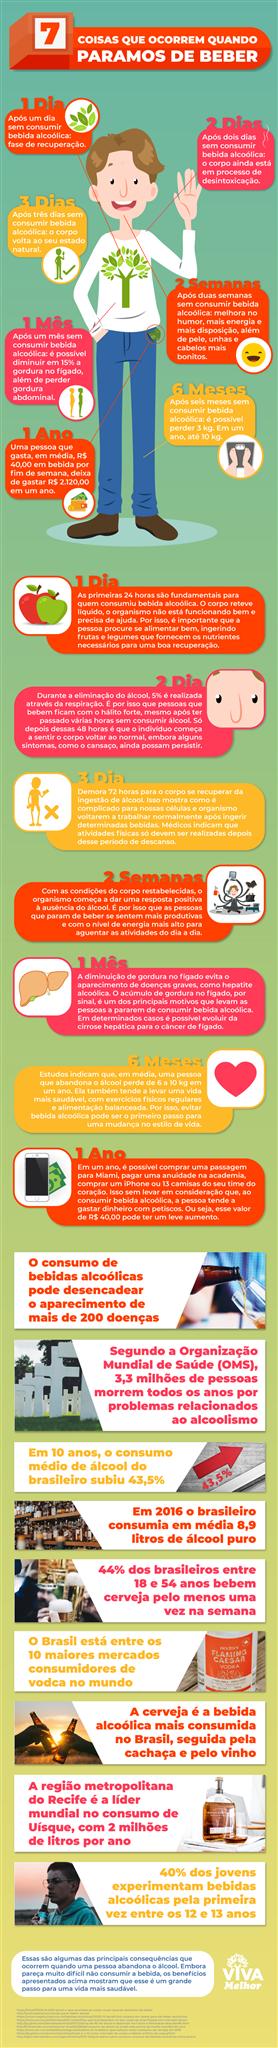 infográfico de ilustração contra o consumo de alcool